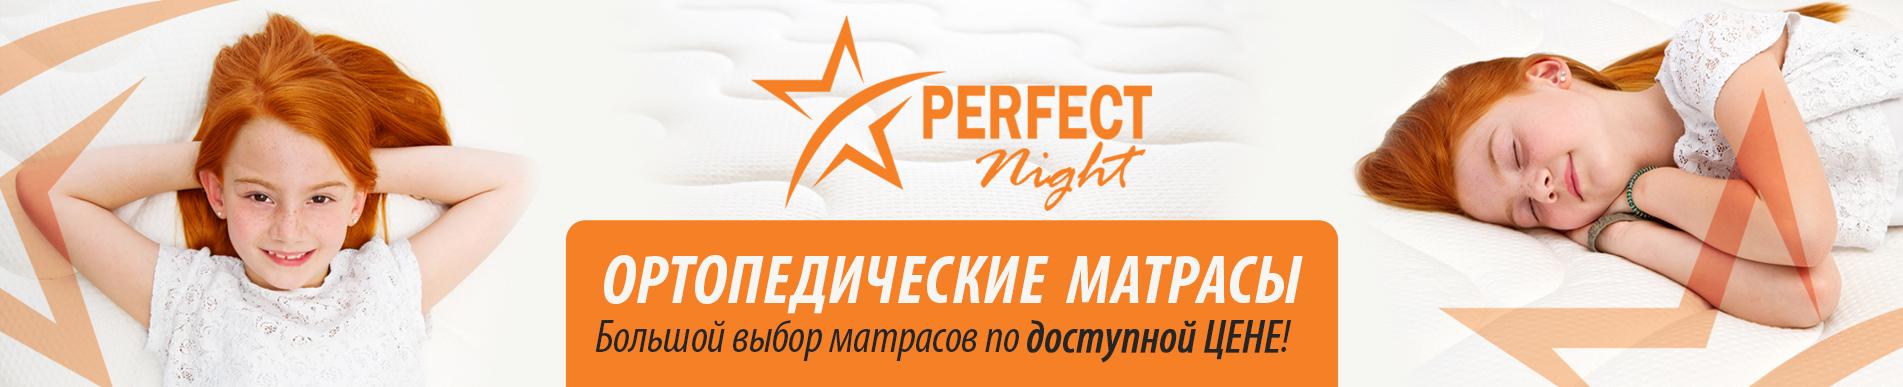 banner_buy-sell_ru